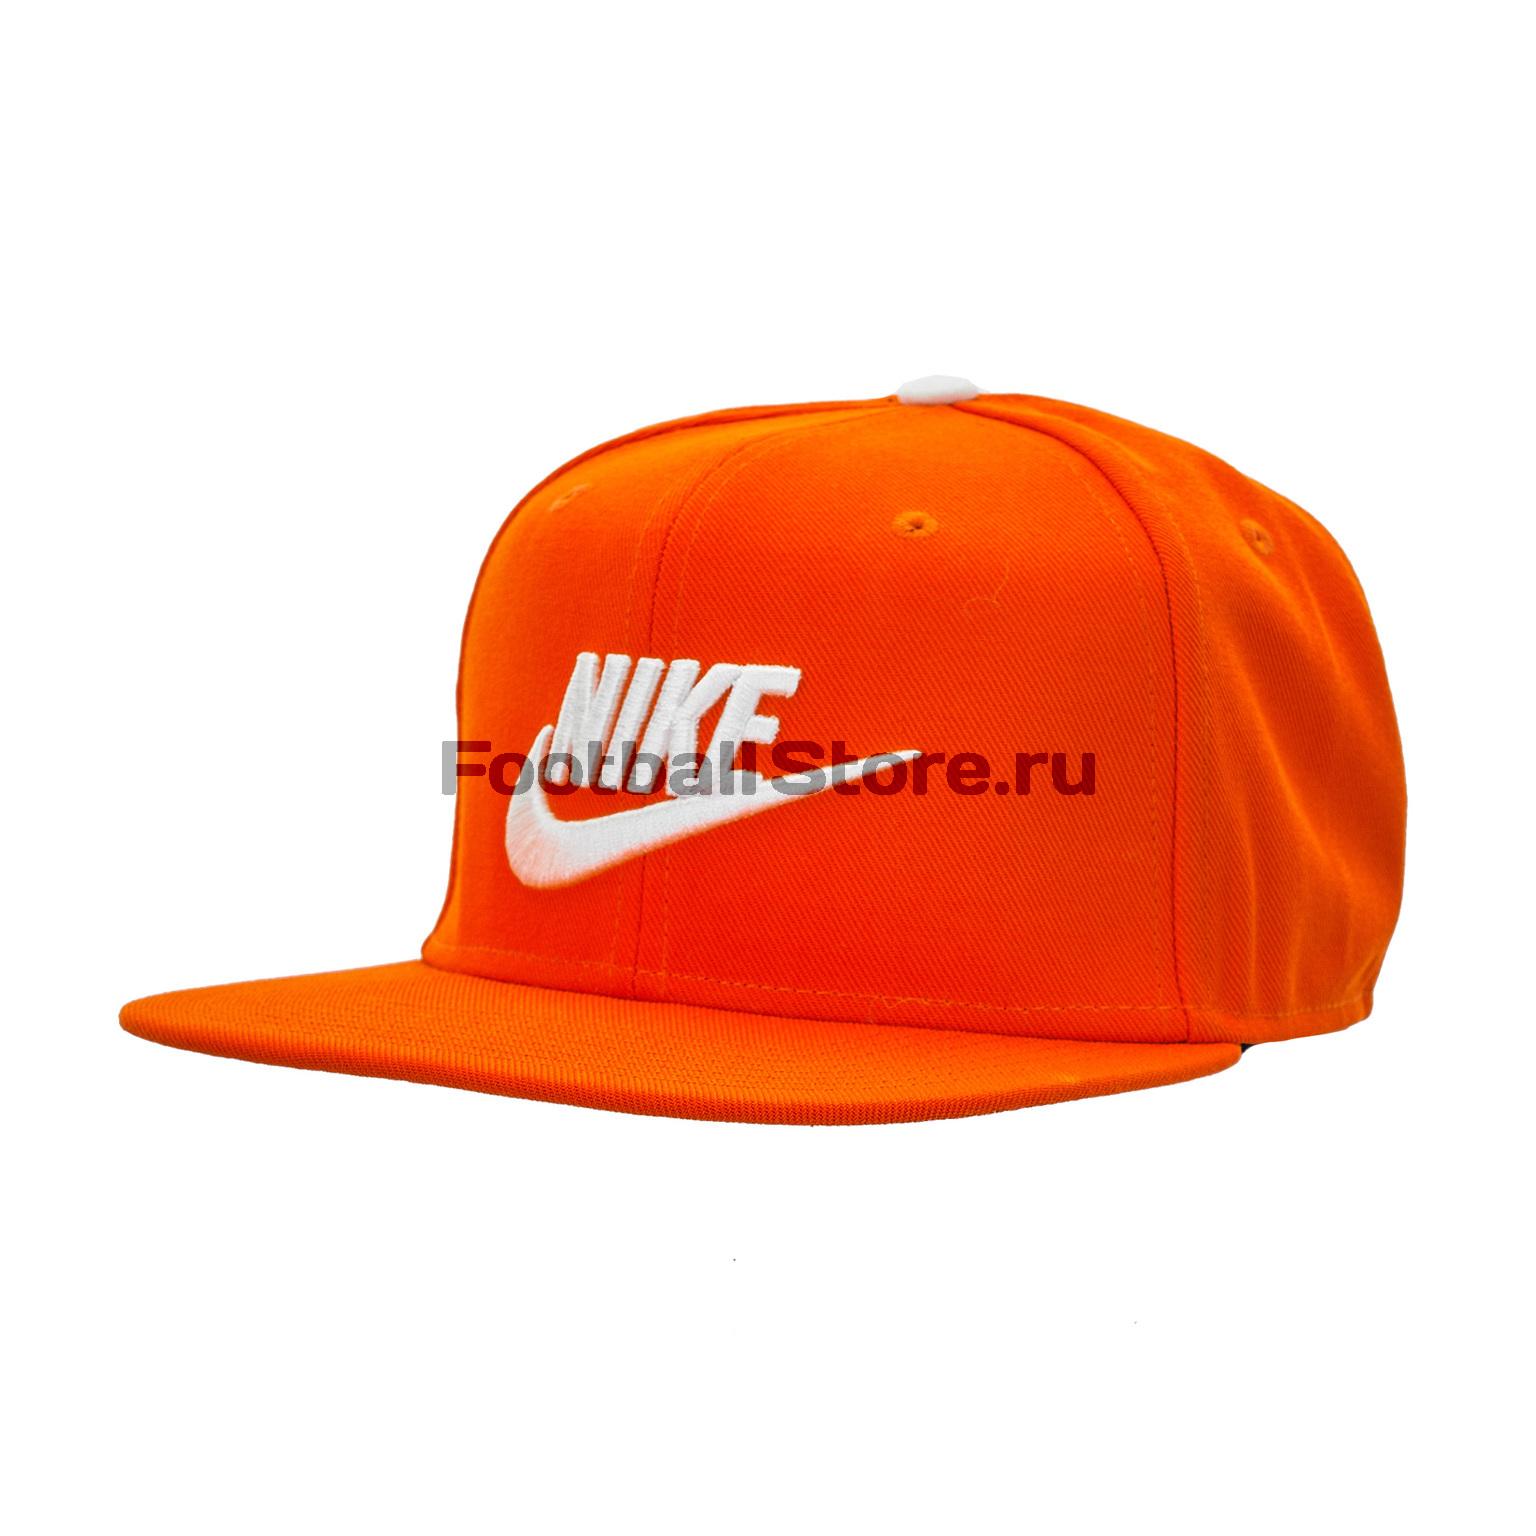 Бейсболка Nike Pro Cap Futura 891284-891